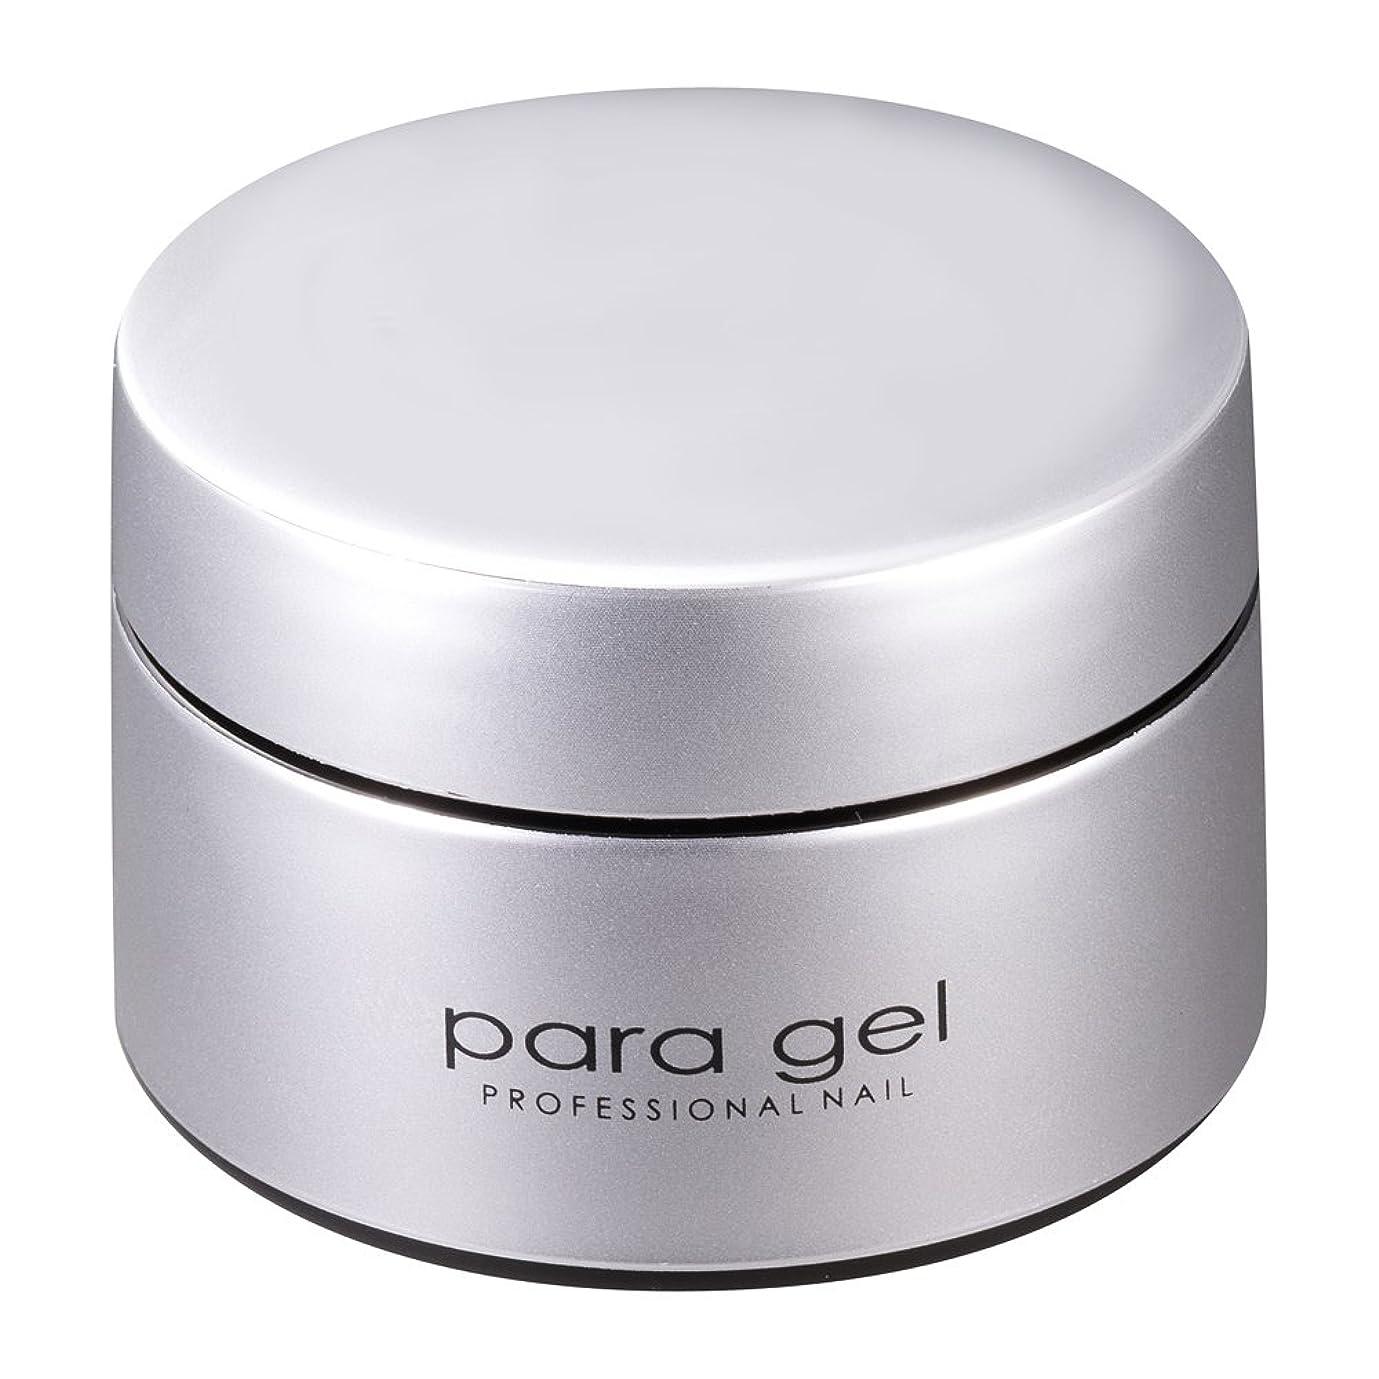 気づかないスパイラル汚れるpara gel カラージェル S011 スモーキーイエロー 4g